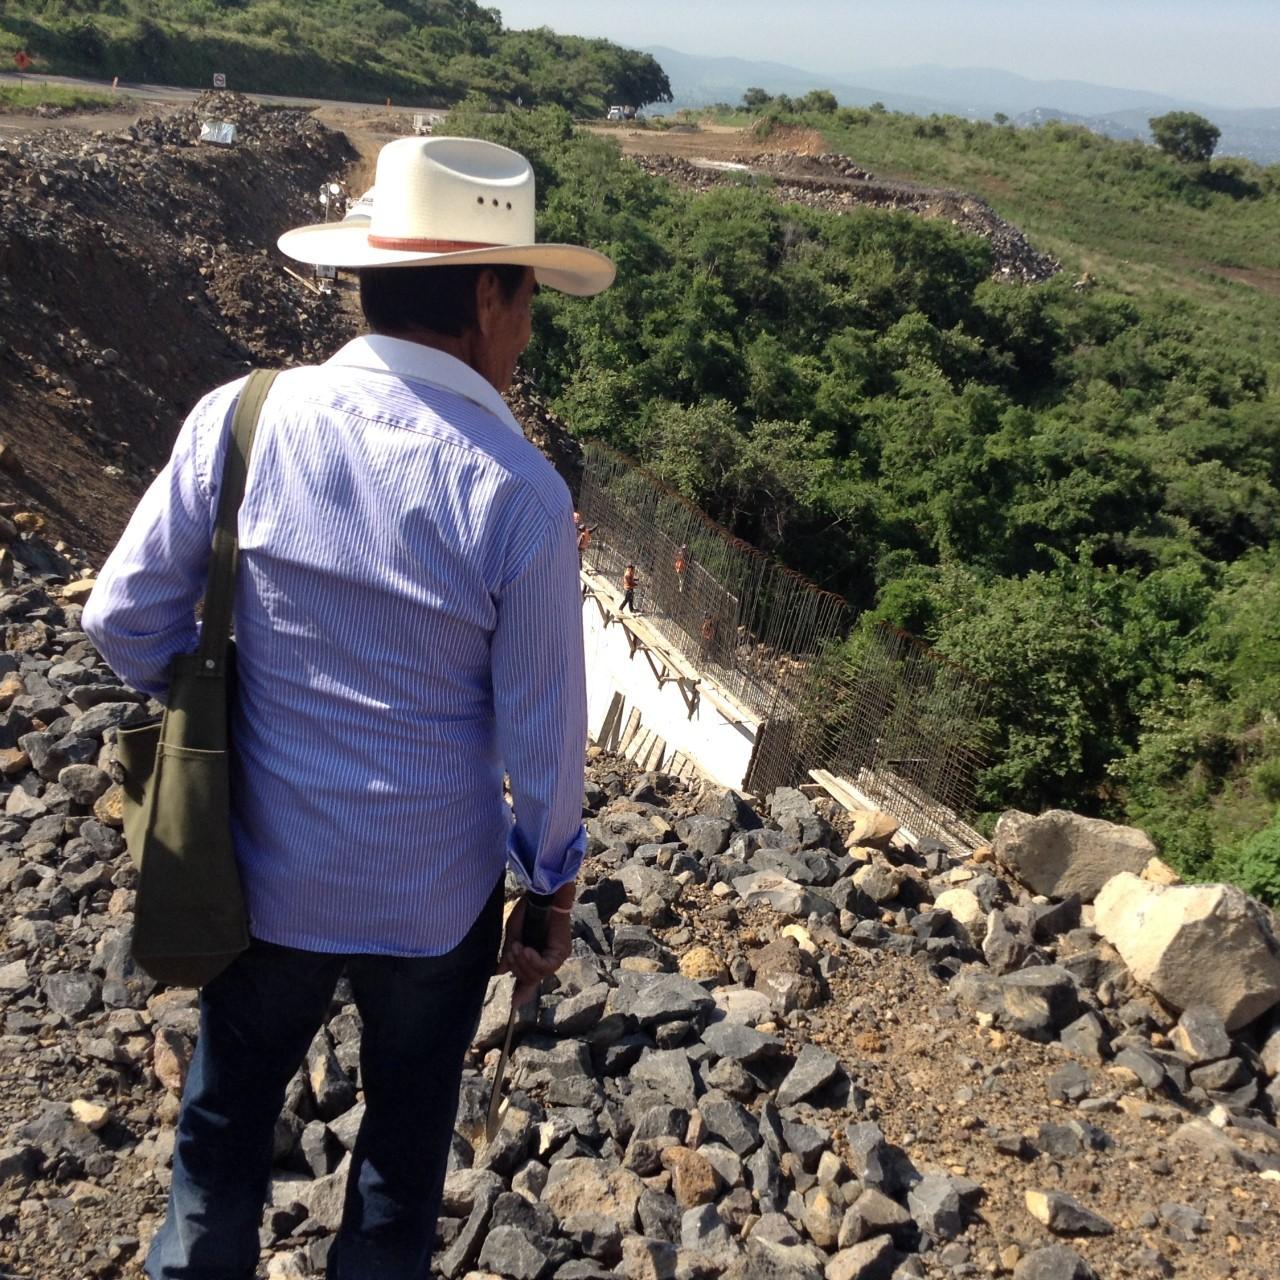 Campesino de Tepoztlán mira la destrucción causada por construcción de autopista en terrenos comunales.